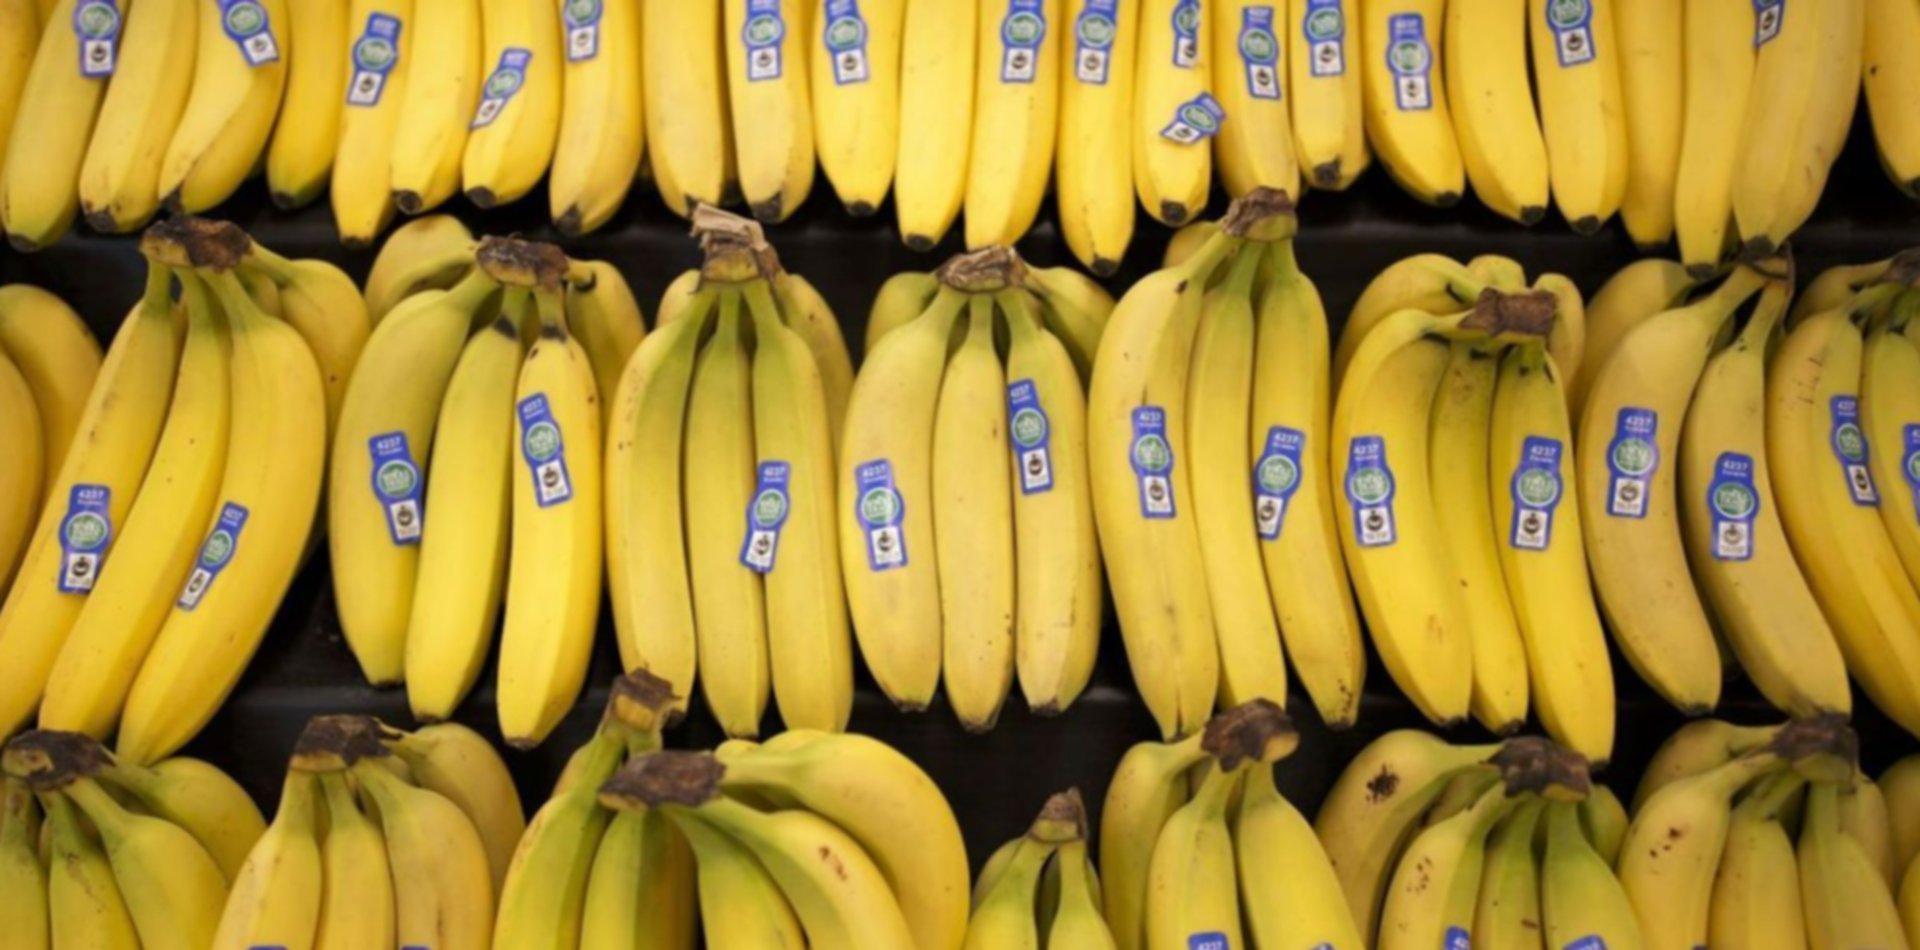 Compraron bananas en el supermercado, volvieron y encontraron un escorpión adentro